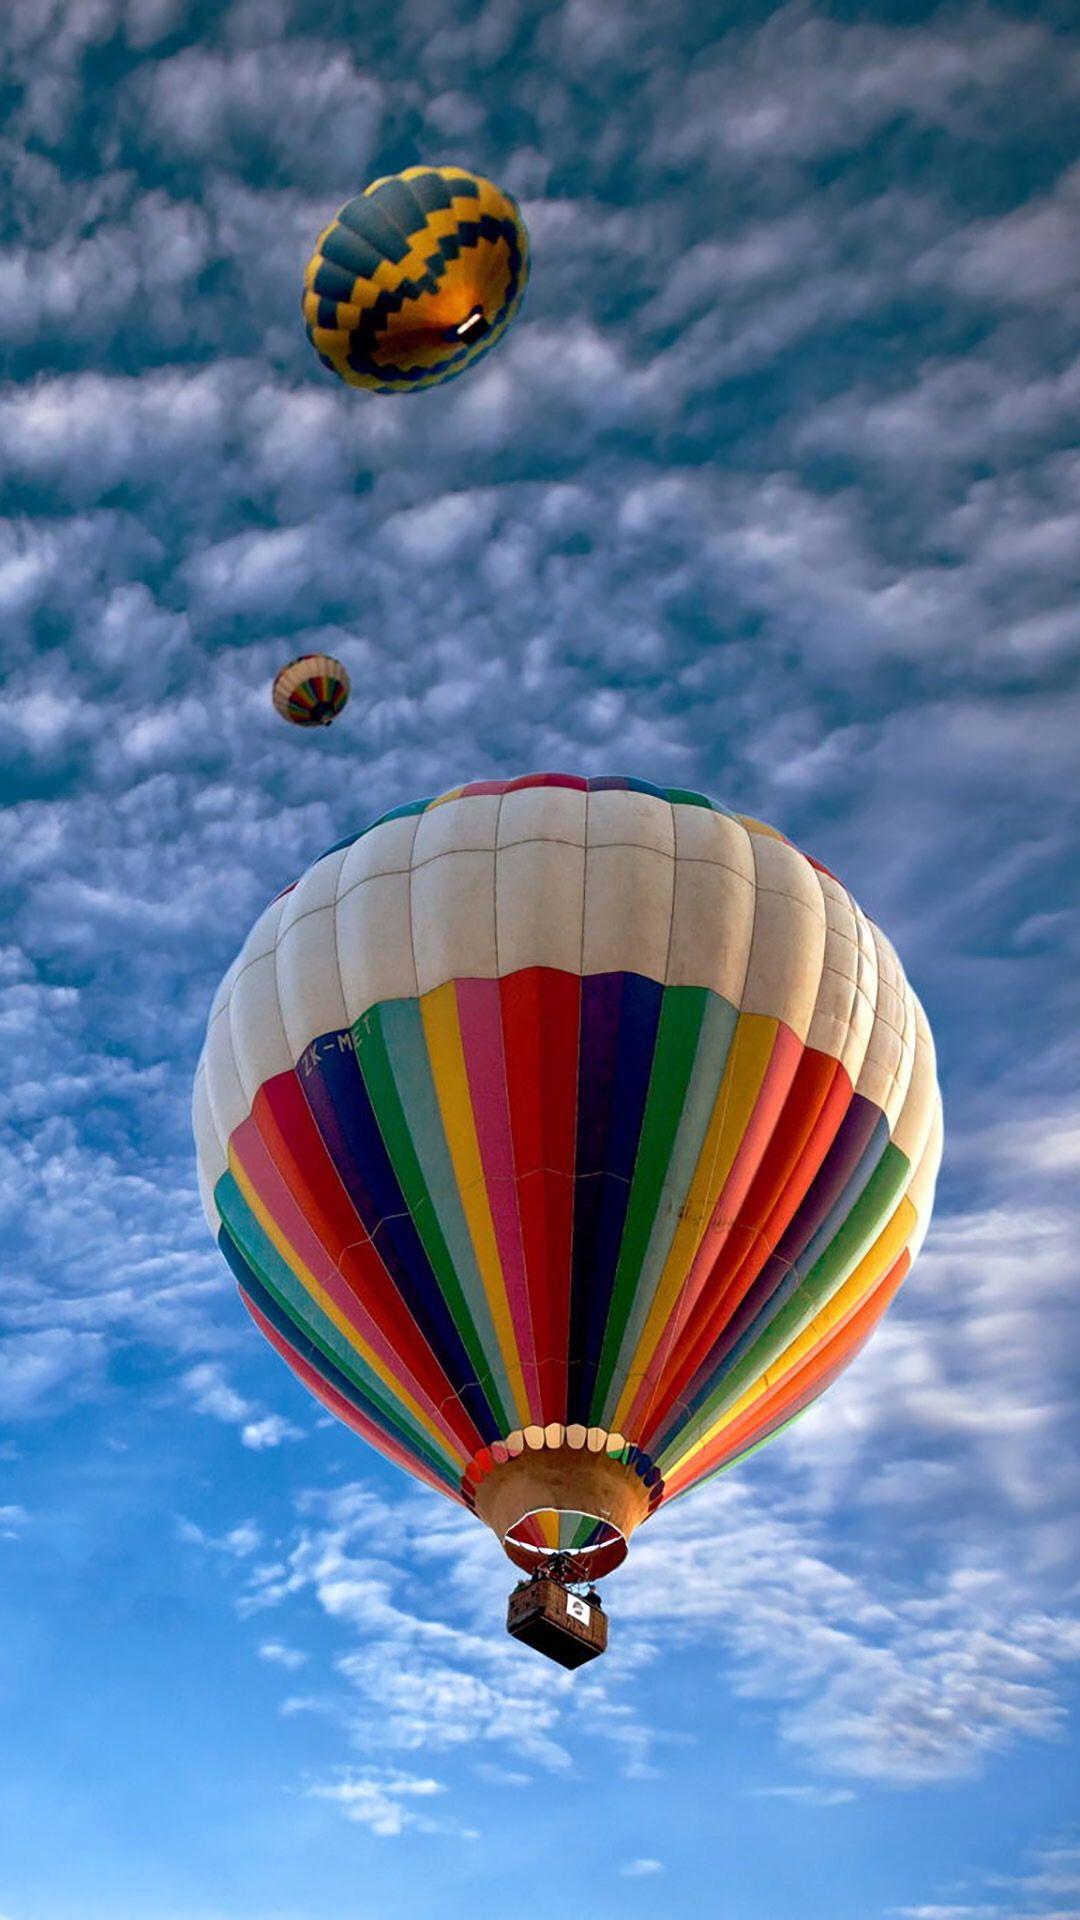 Hot Air Balloon Hot Air Balloons Photography Air Balloon Hot Air Balloon Rides Wallpaper colorful hot air balloon blue